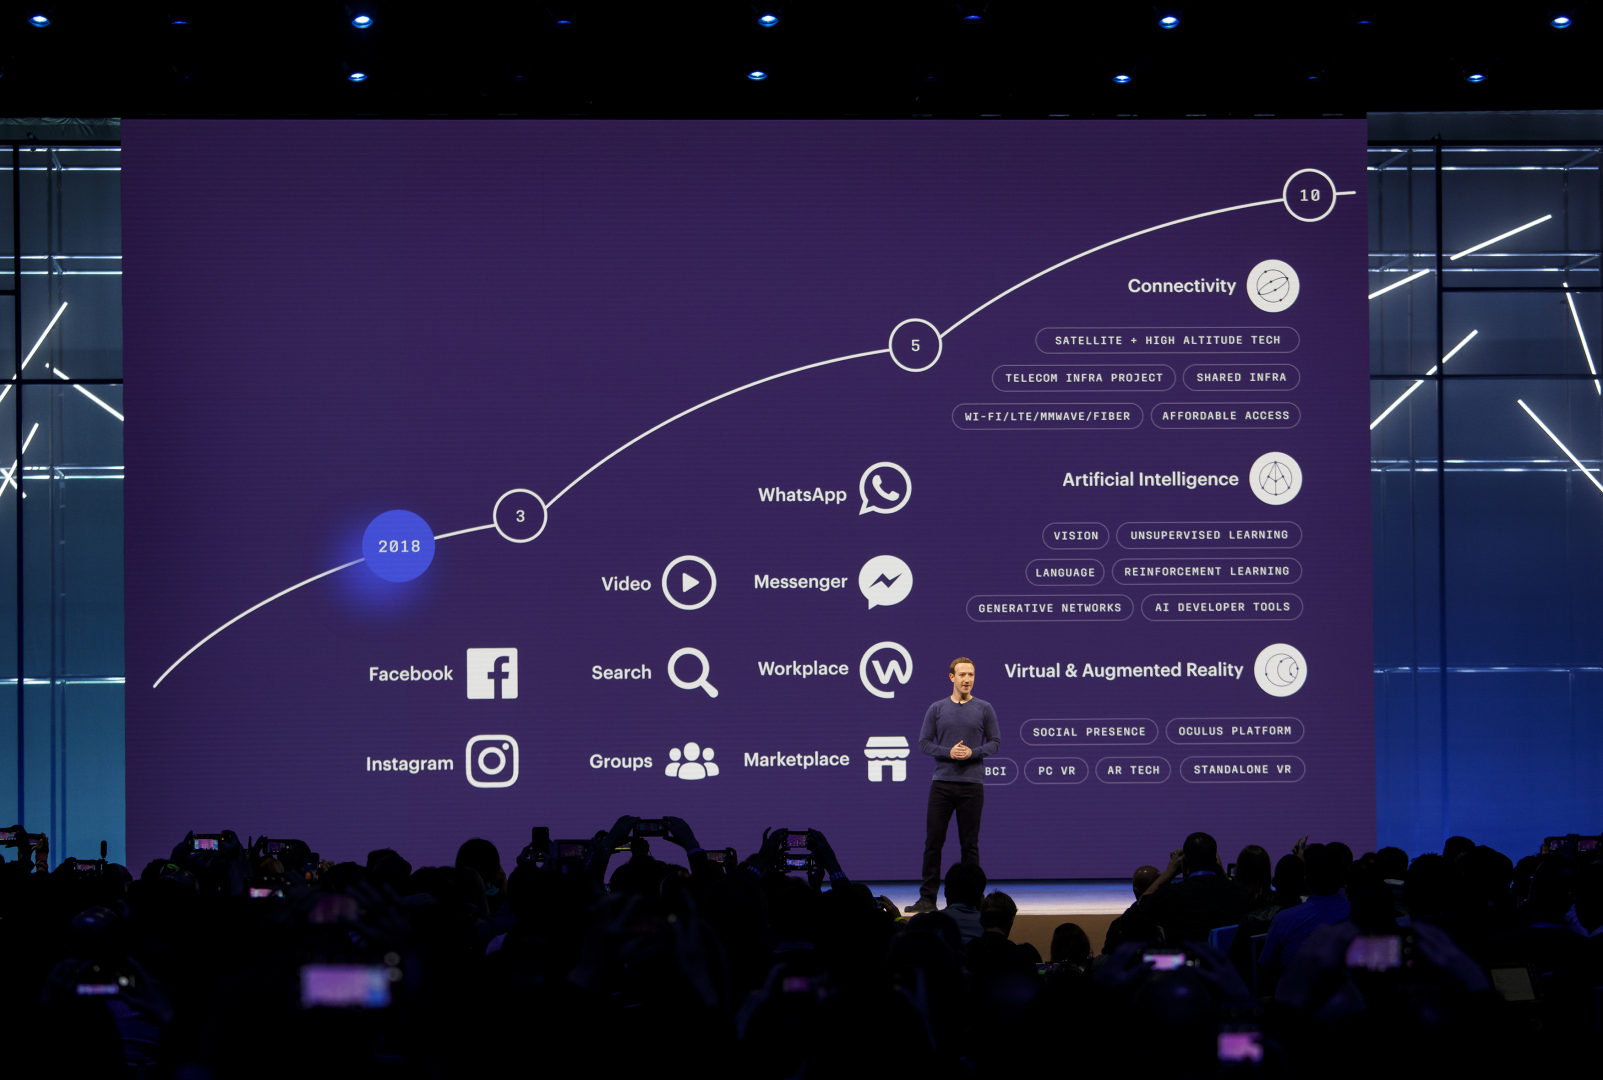 10letý harmonogram Facebooku, který byl ohlášen na konferenci F8. Zmínka o blockchainu, potažmo kryptoměně, však chybí